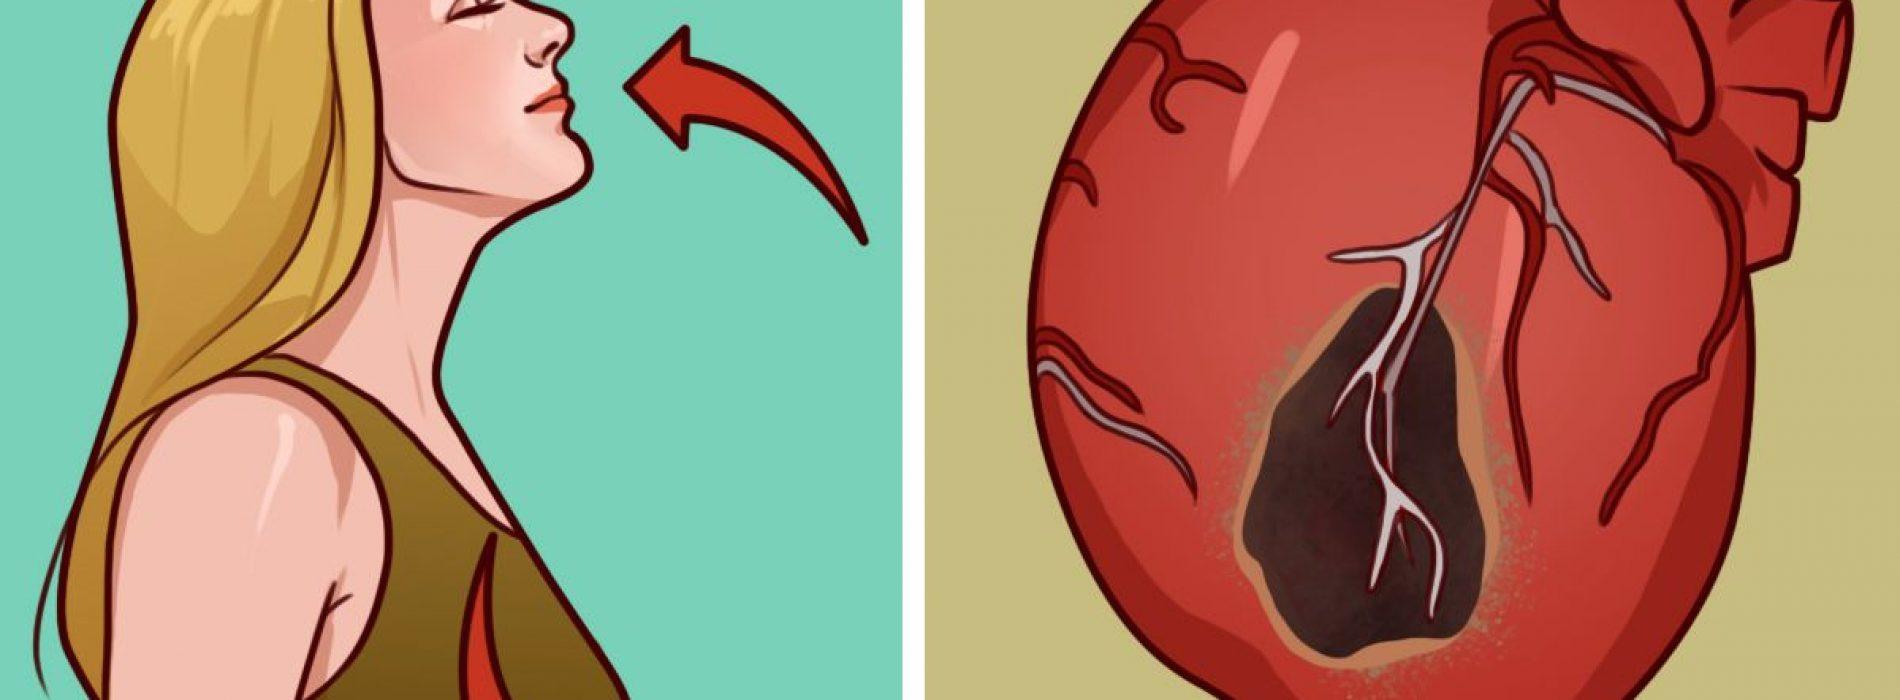 Hier is een eenvoudige ademhalingsoefening die uw risico op hartaandoeningen aanzienlijk kan beïnvloeden